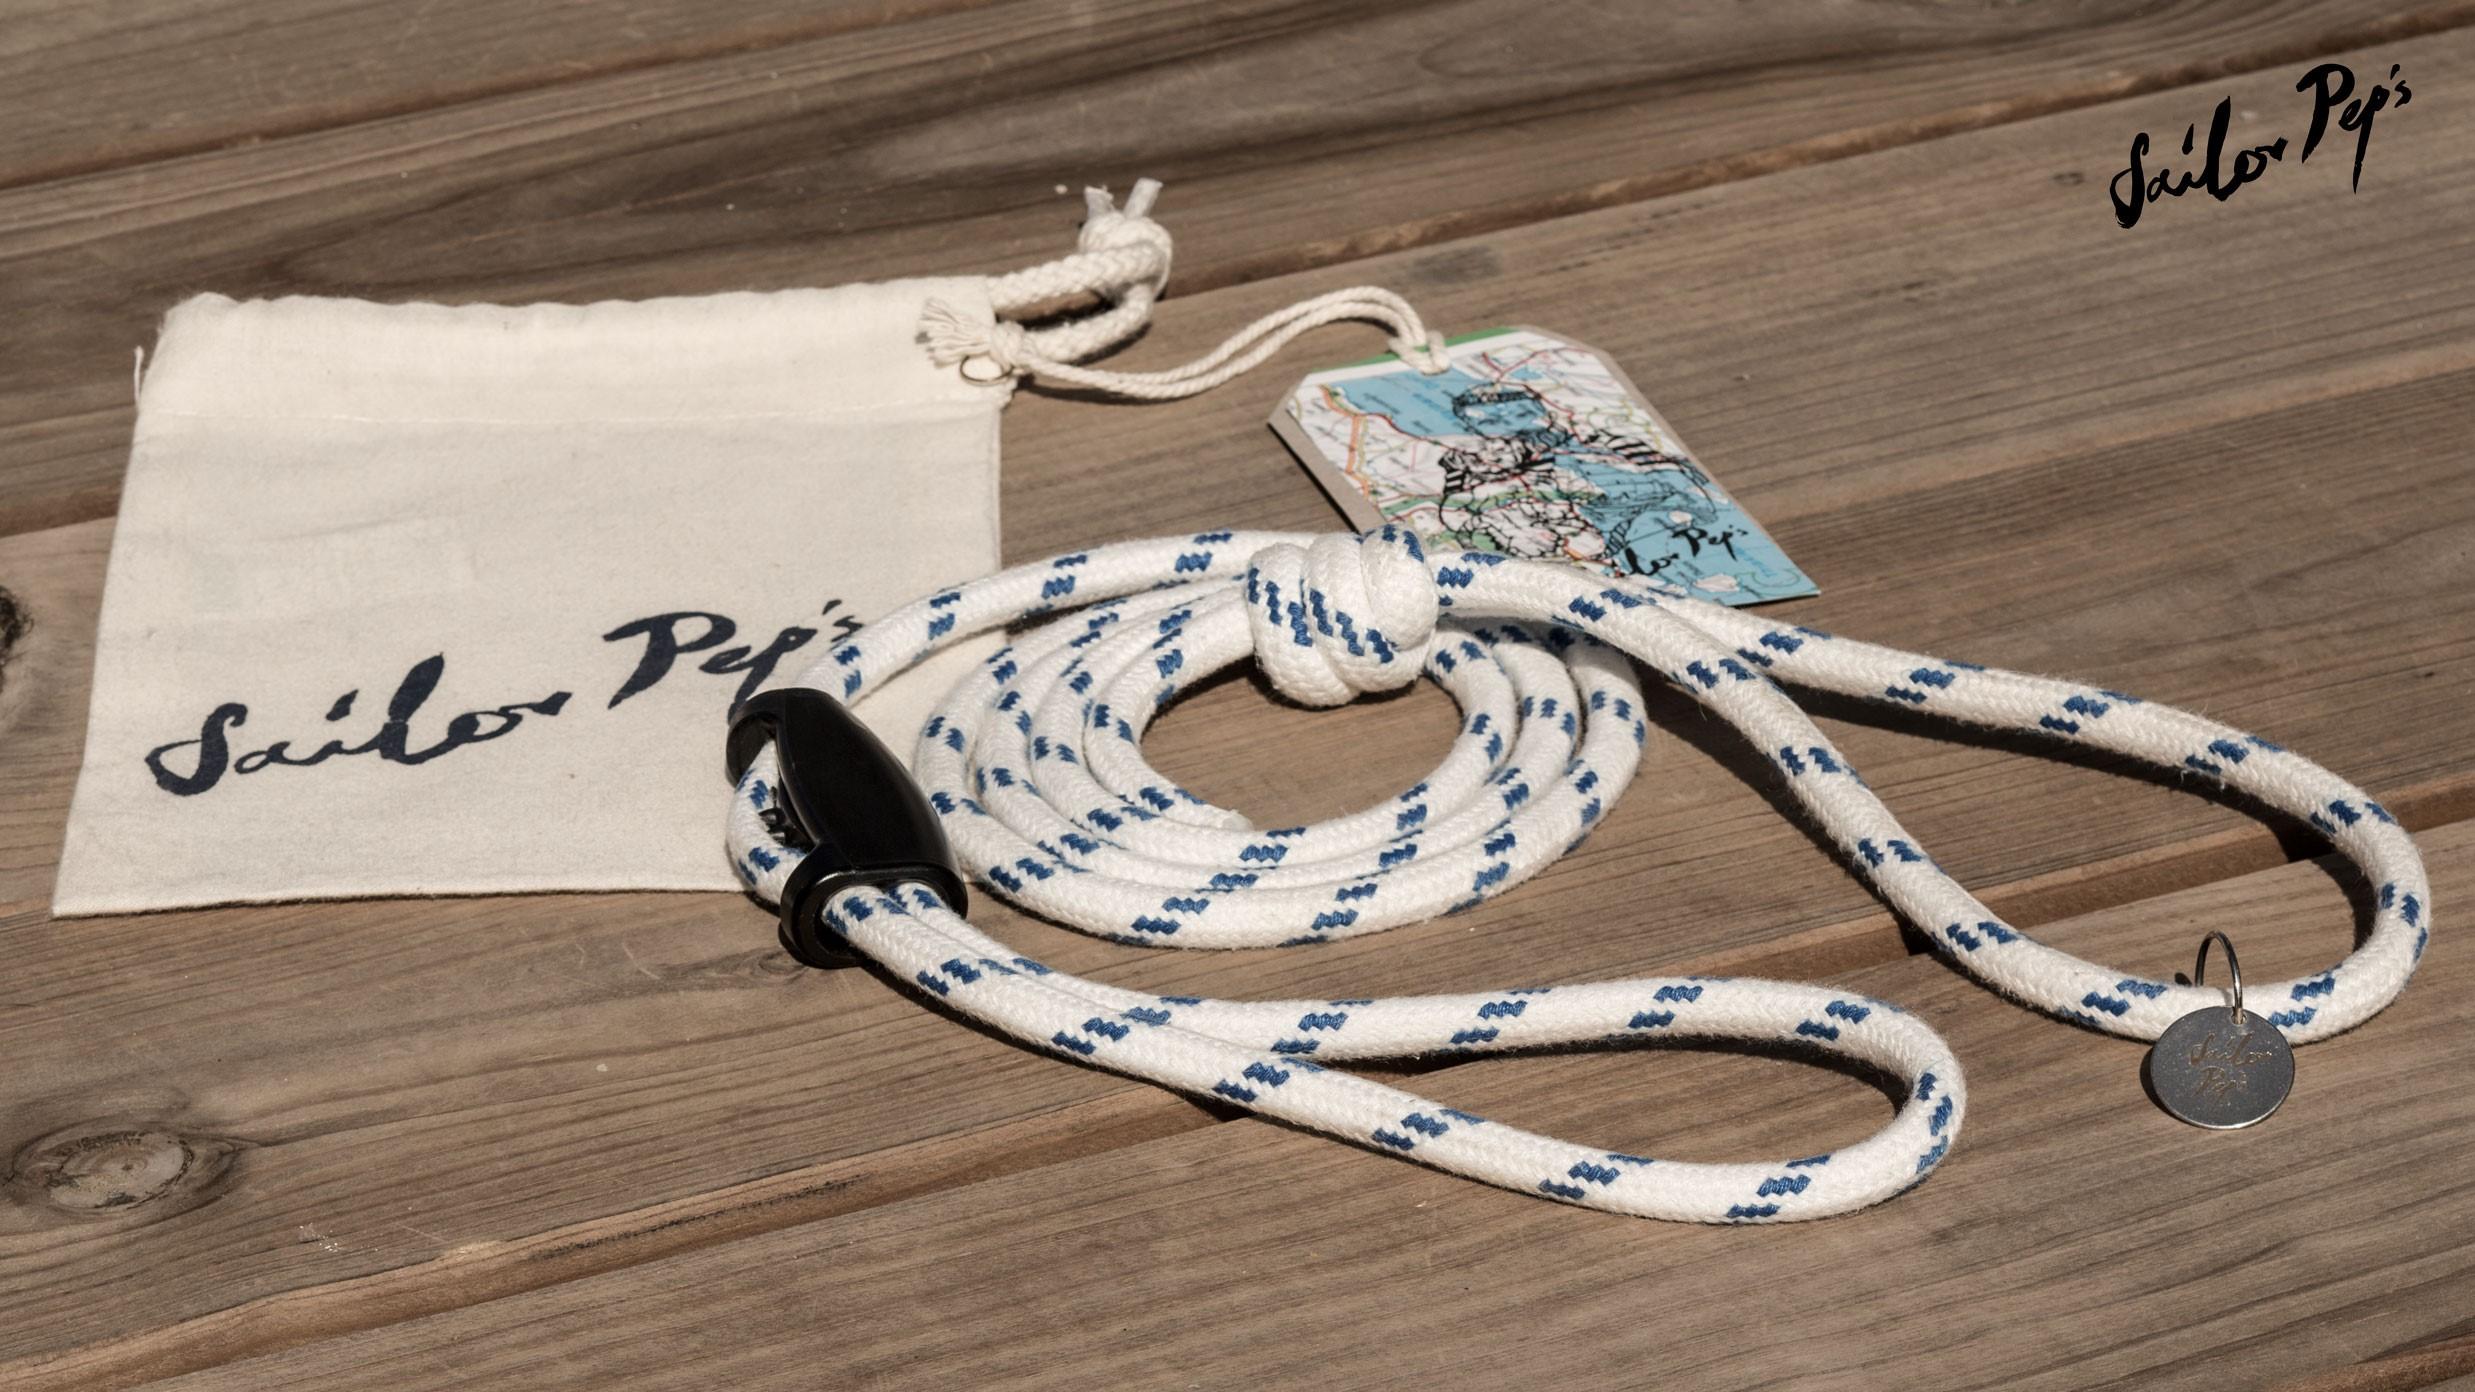 Sailor Peps Hundeleine und Tasche